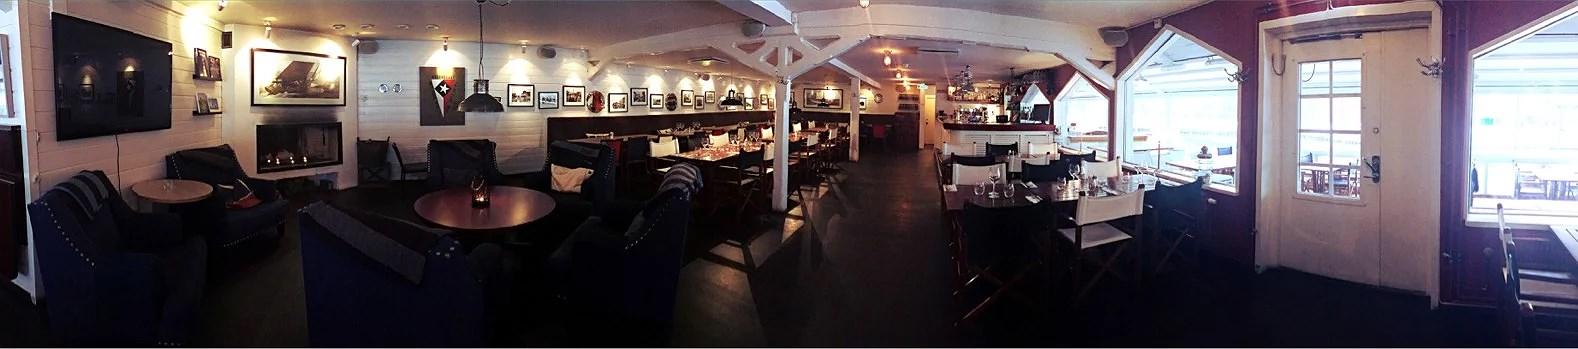 Restaurang Hamnpaviljongen